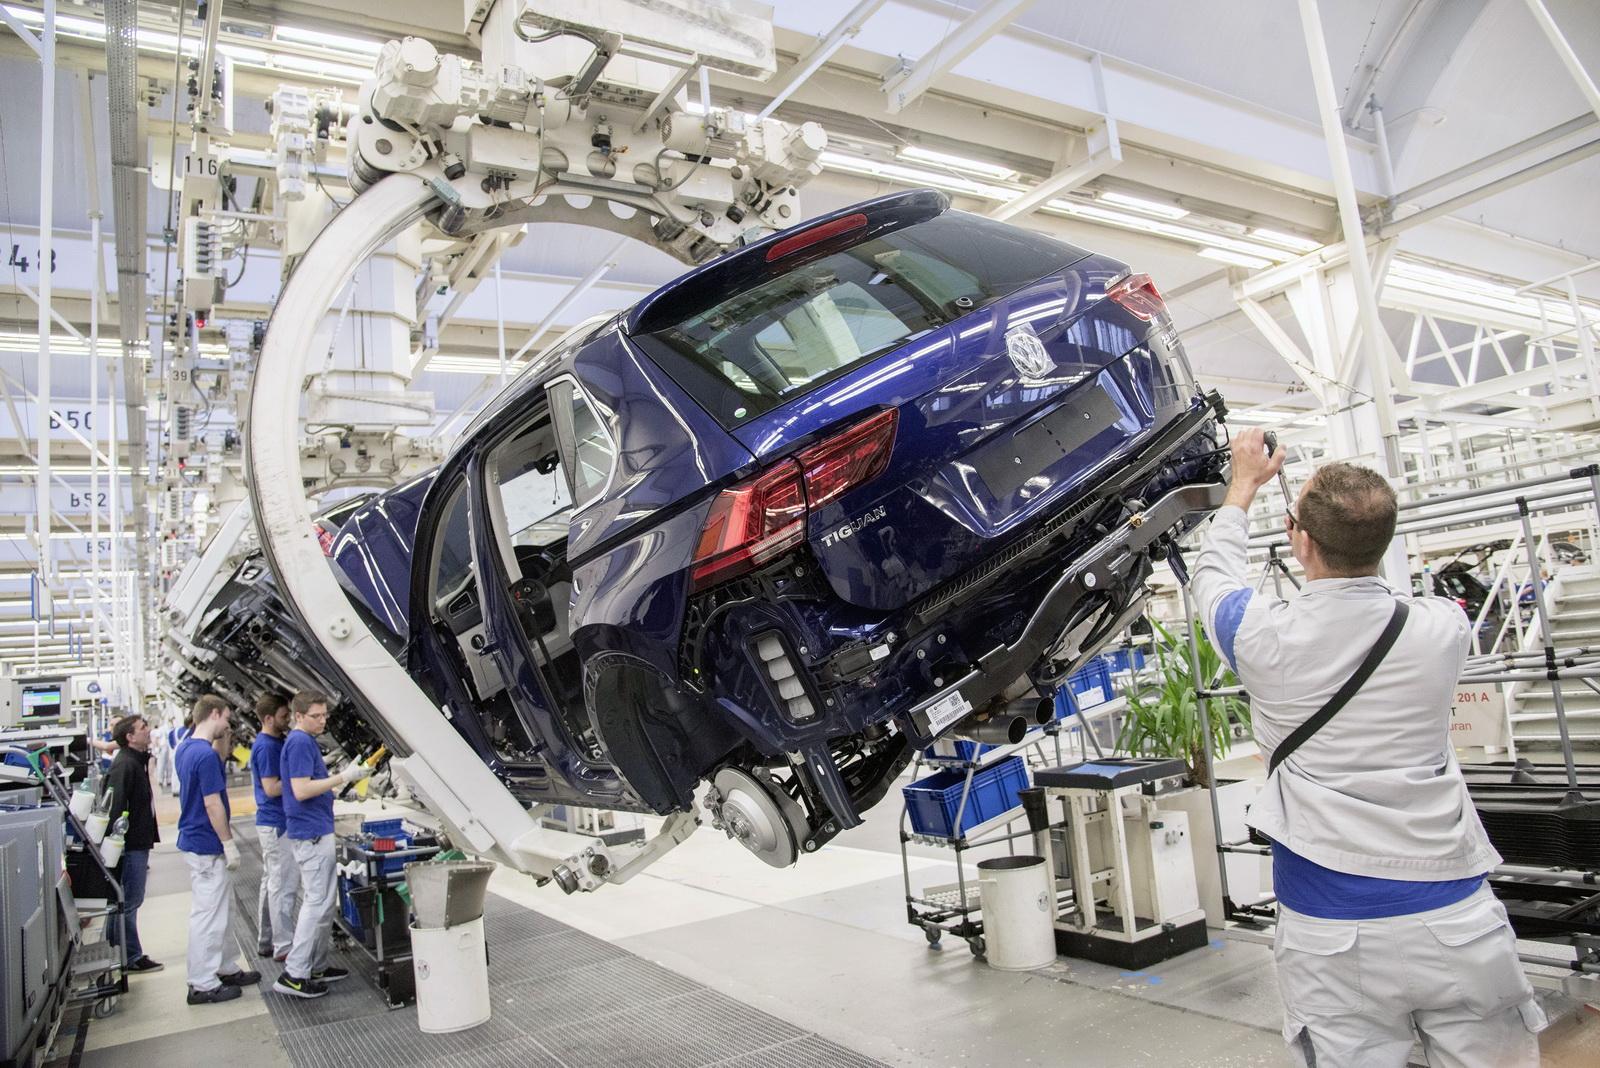 Đức nổi tiếng với ngành công nghiệp sản xuất xe hơi hàng đầu thế giới.